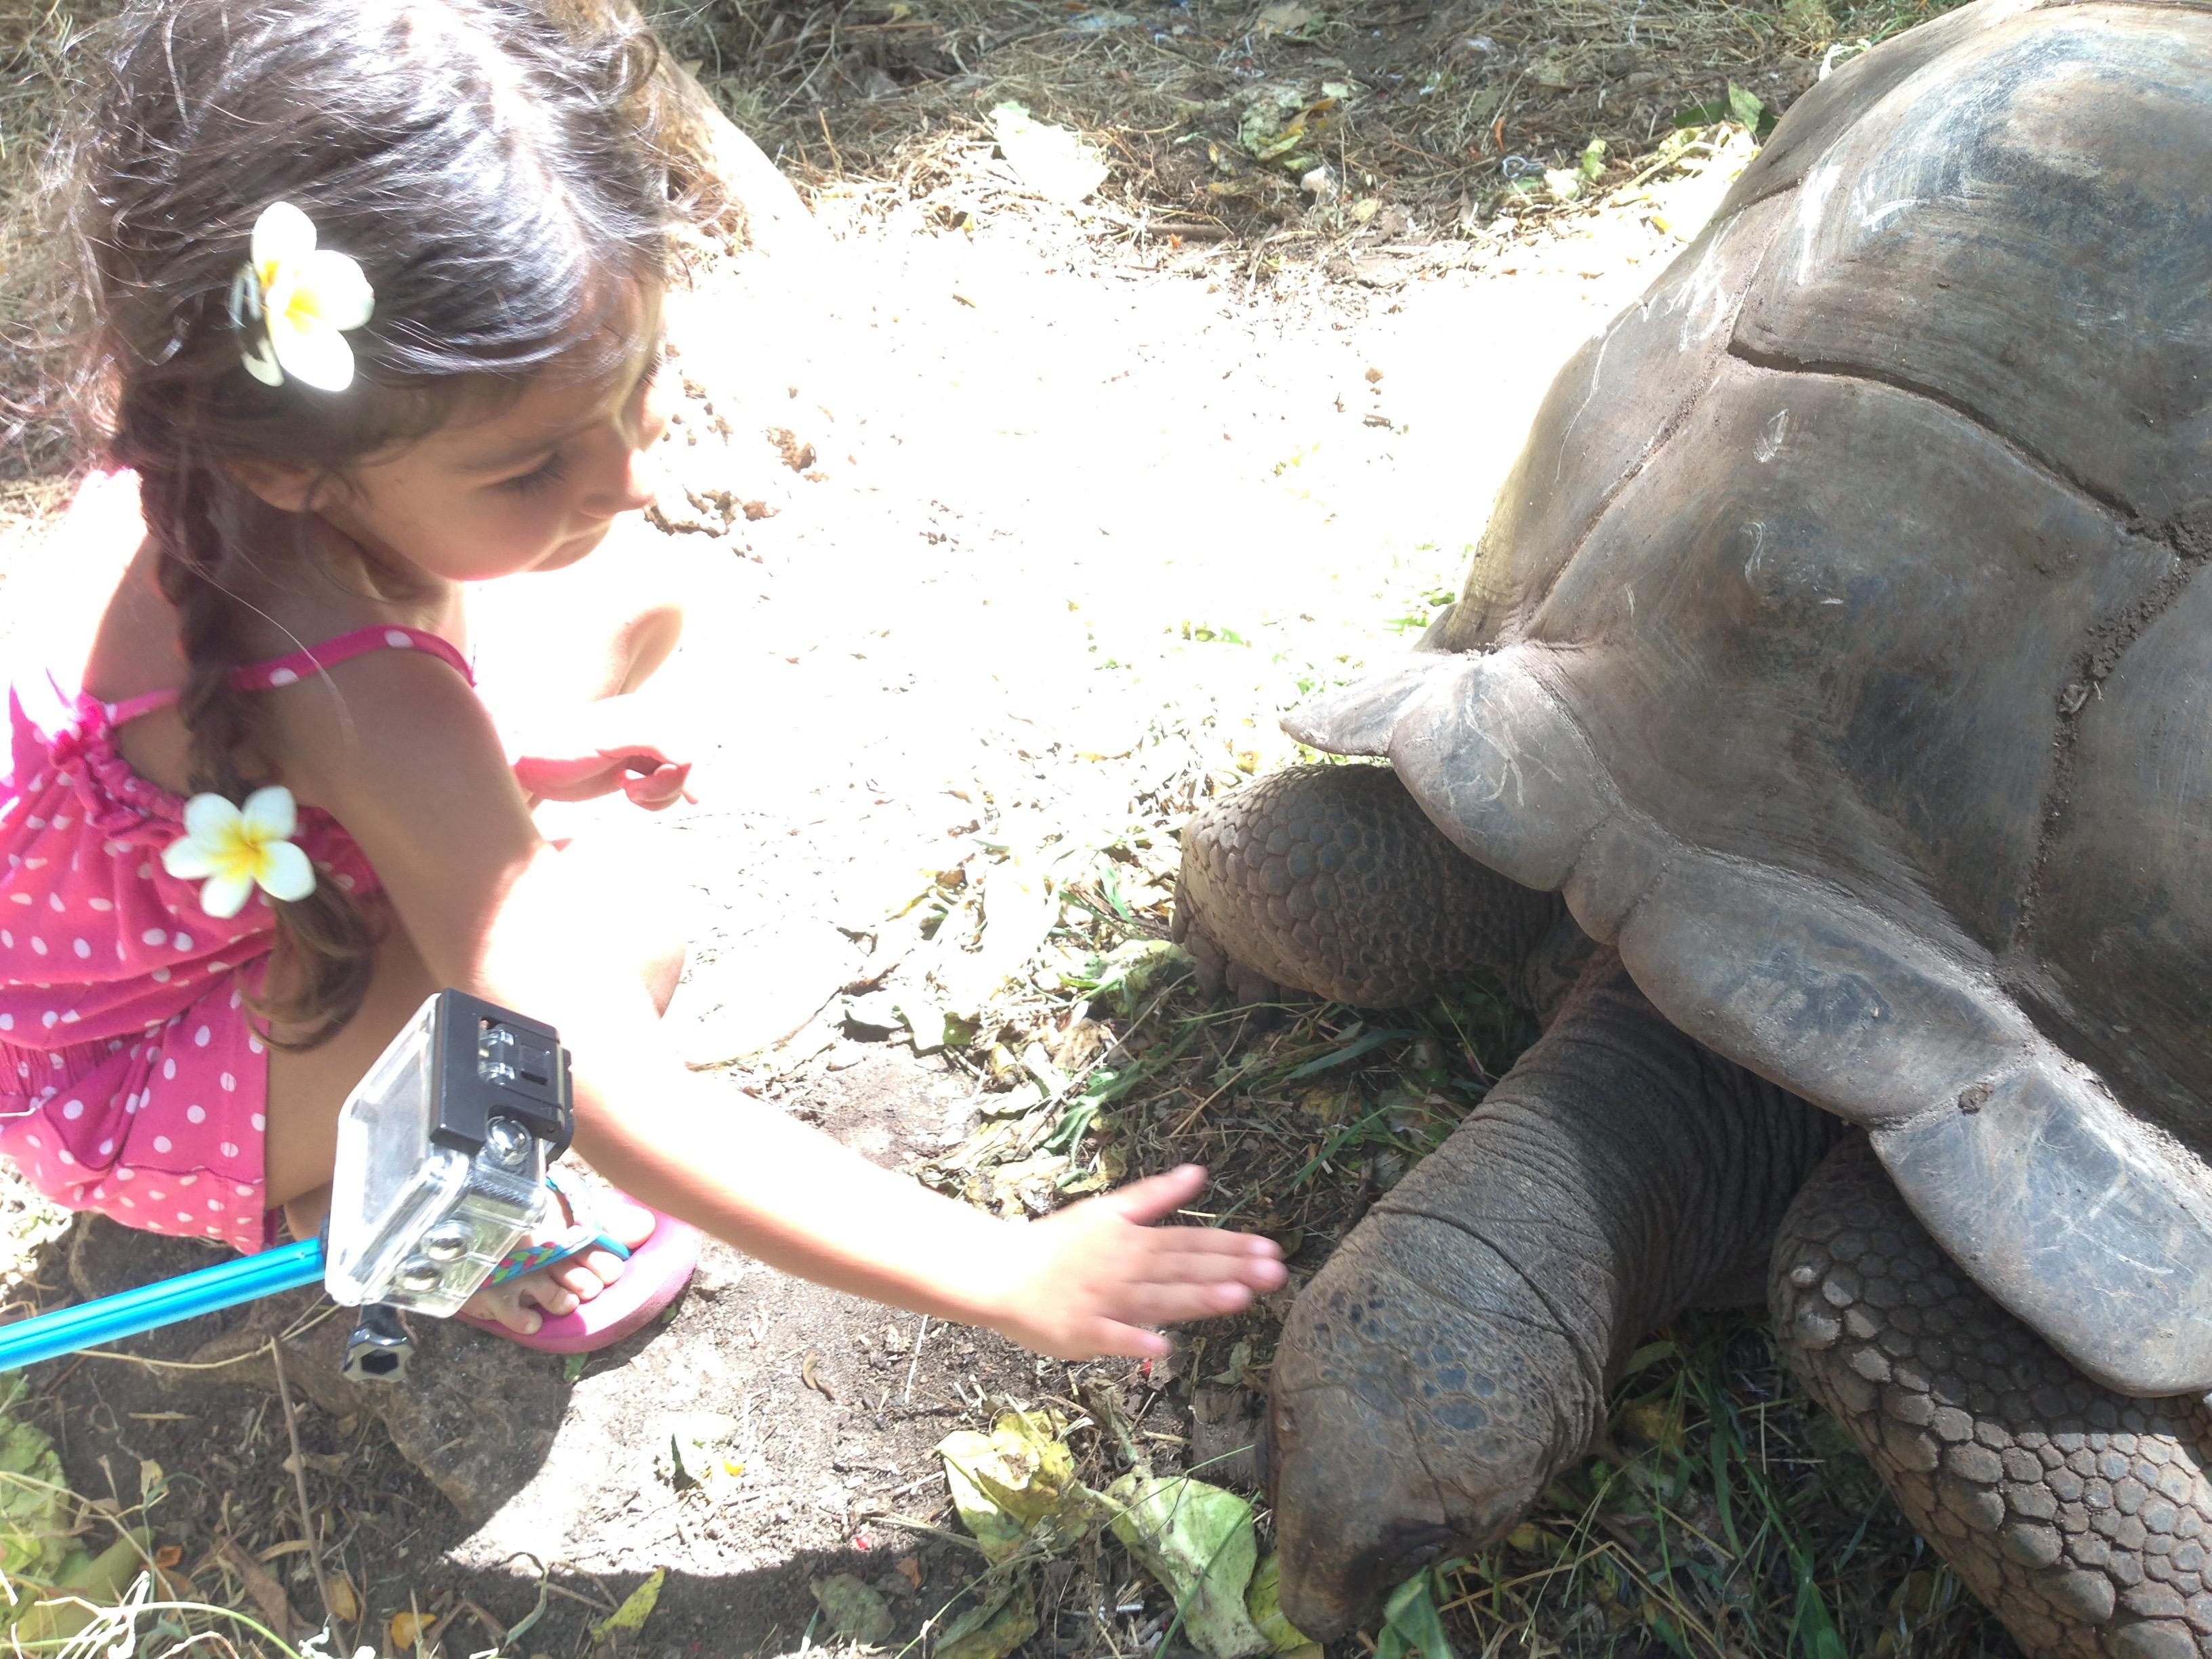 Escursione a Nakupenda, Zanzibar: tartarughe giganti e Prison Island